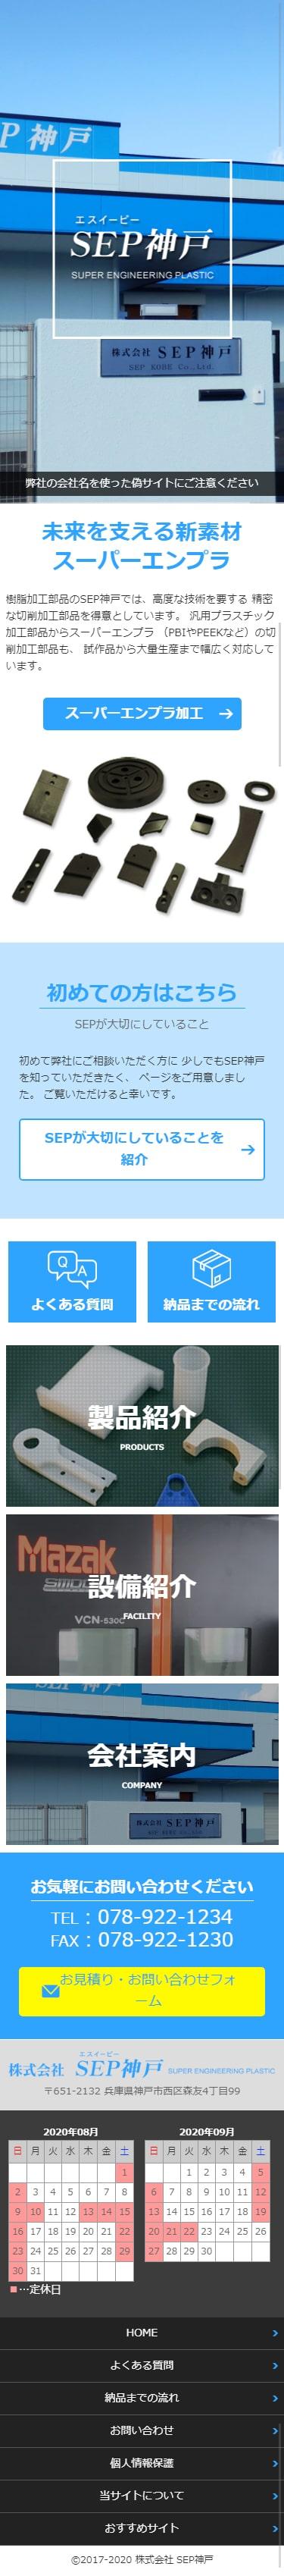 SEP神戸 スマートフォン表示